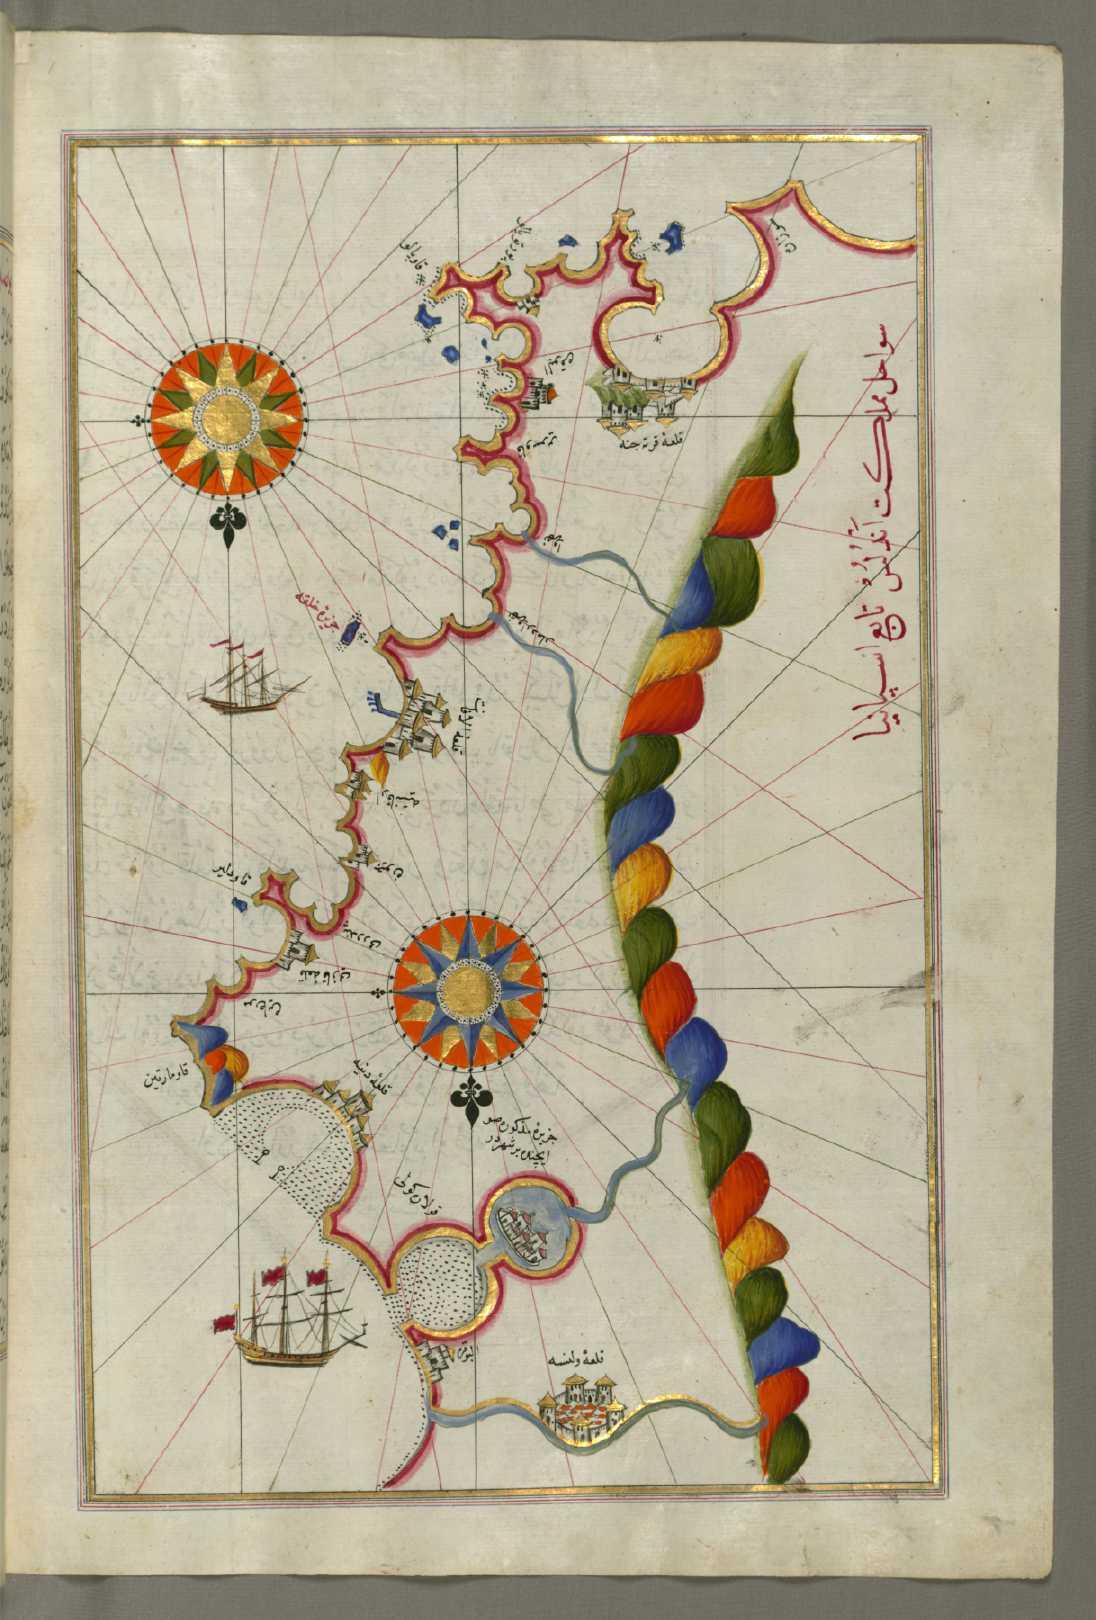 بالصور خريطة بيري ريس , تعرف على تاريج هذه الخريطة 11522 12